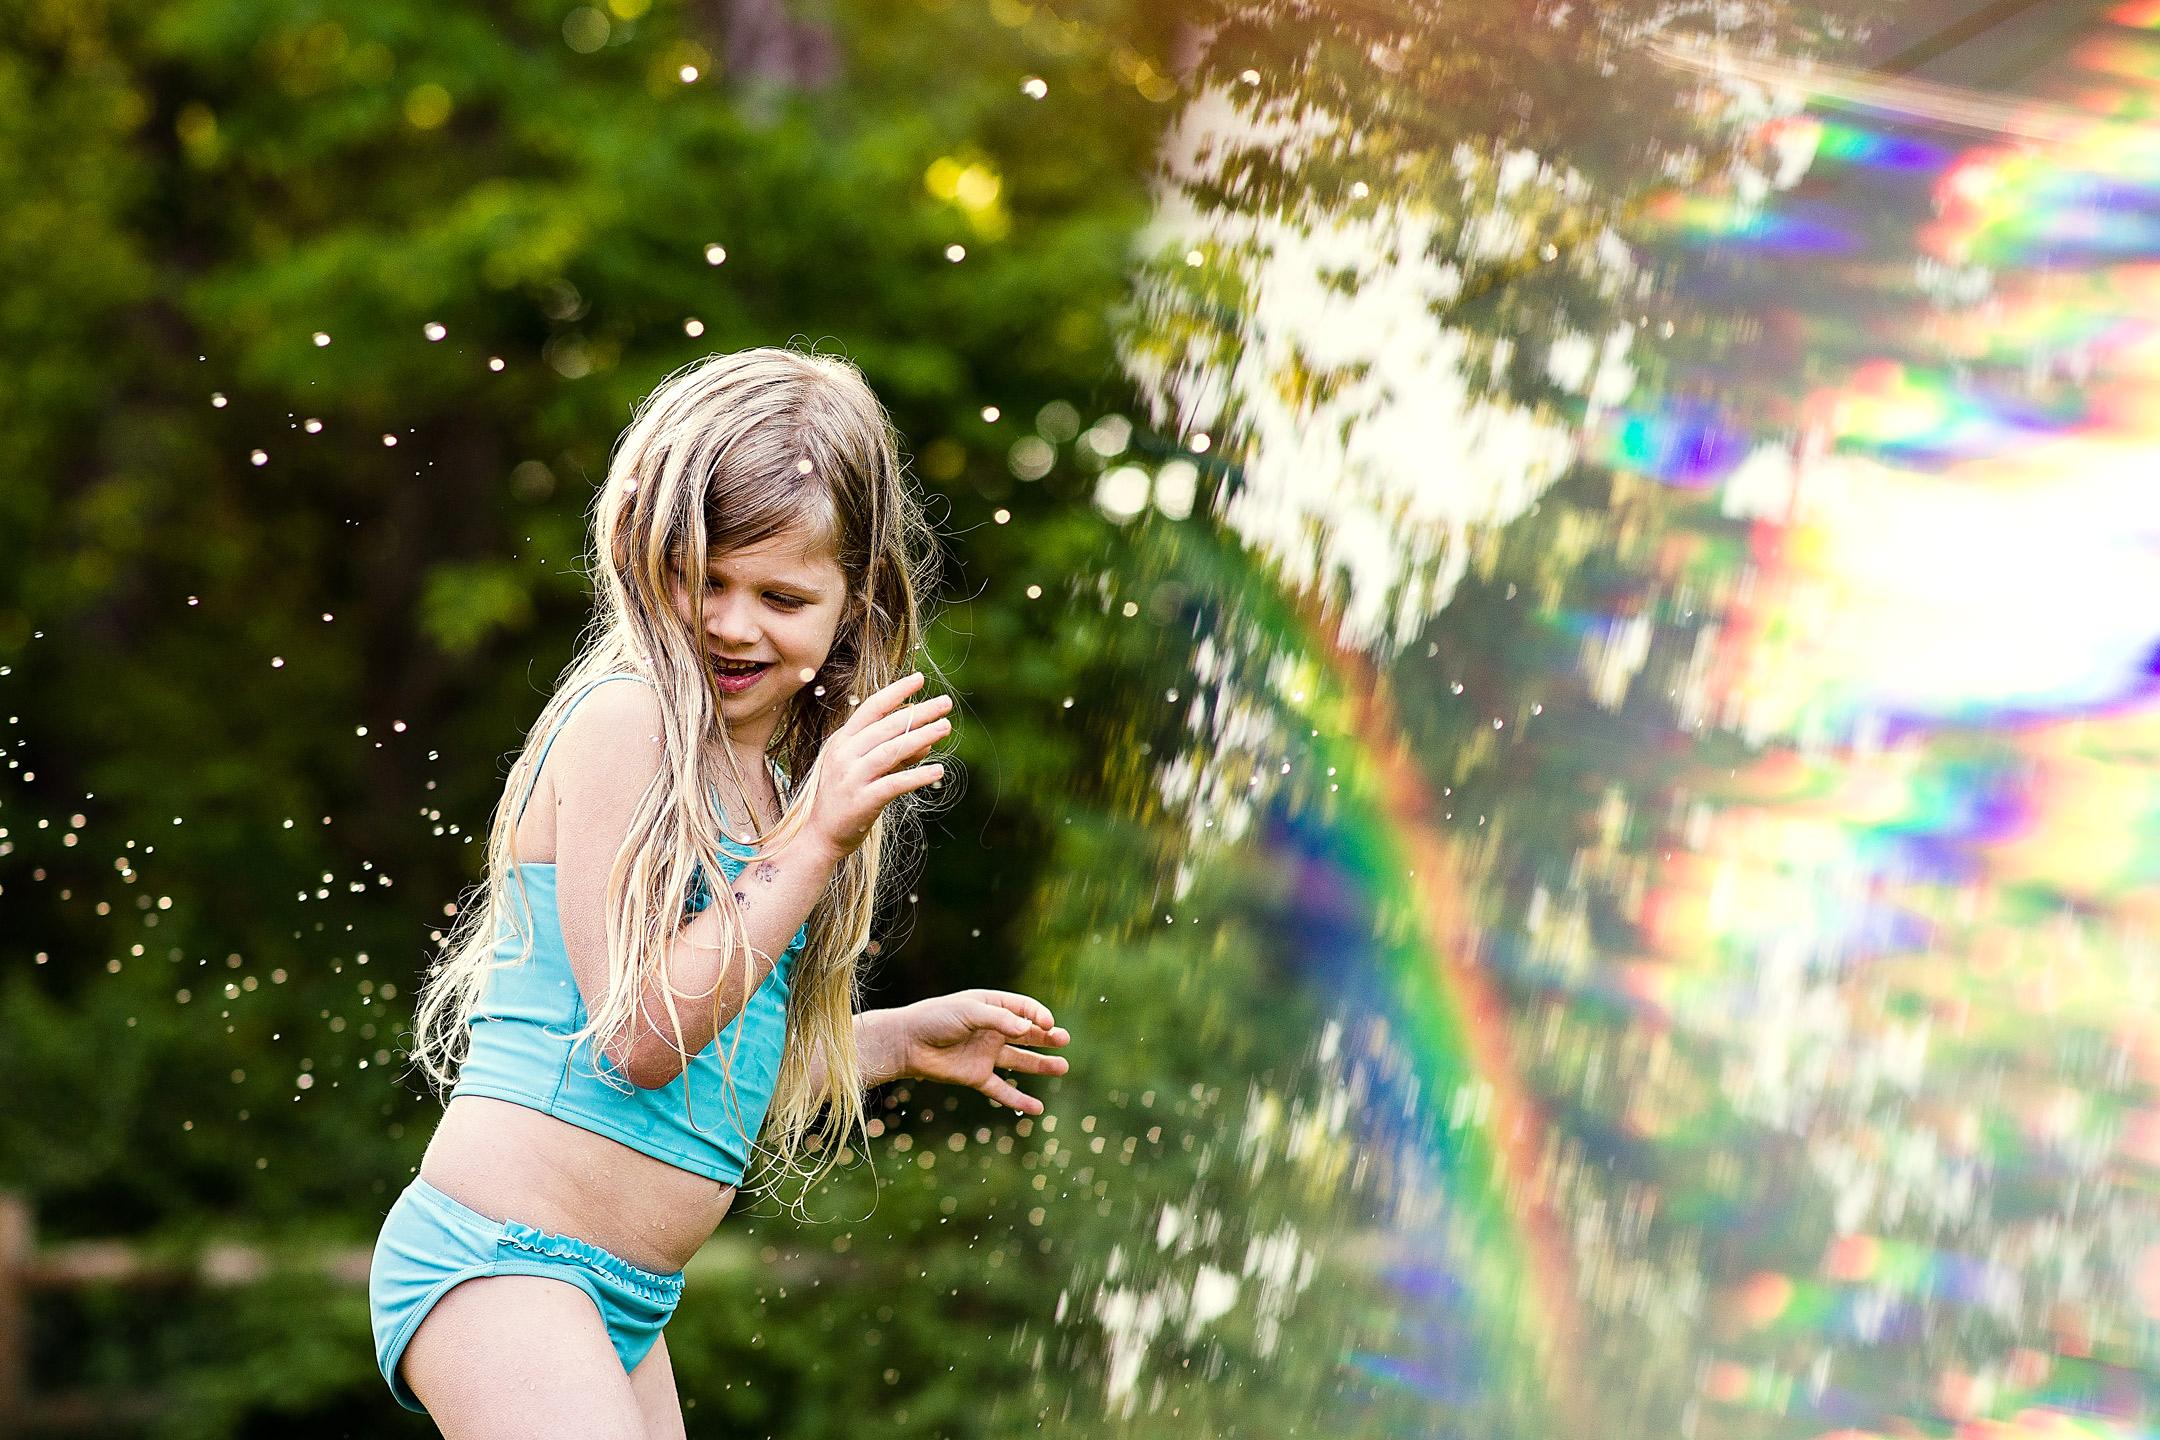 cynthia-dawson-rainbow